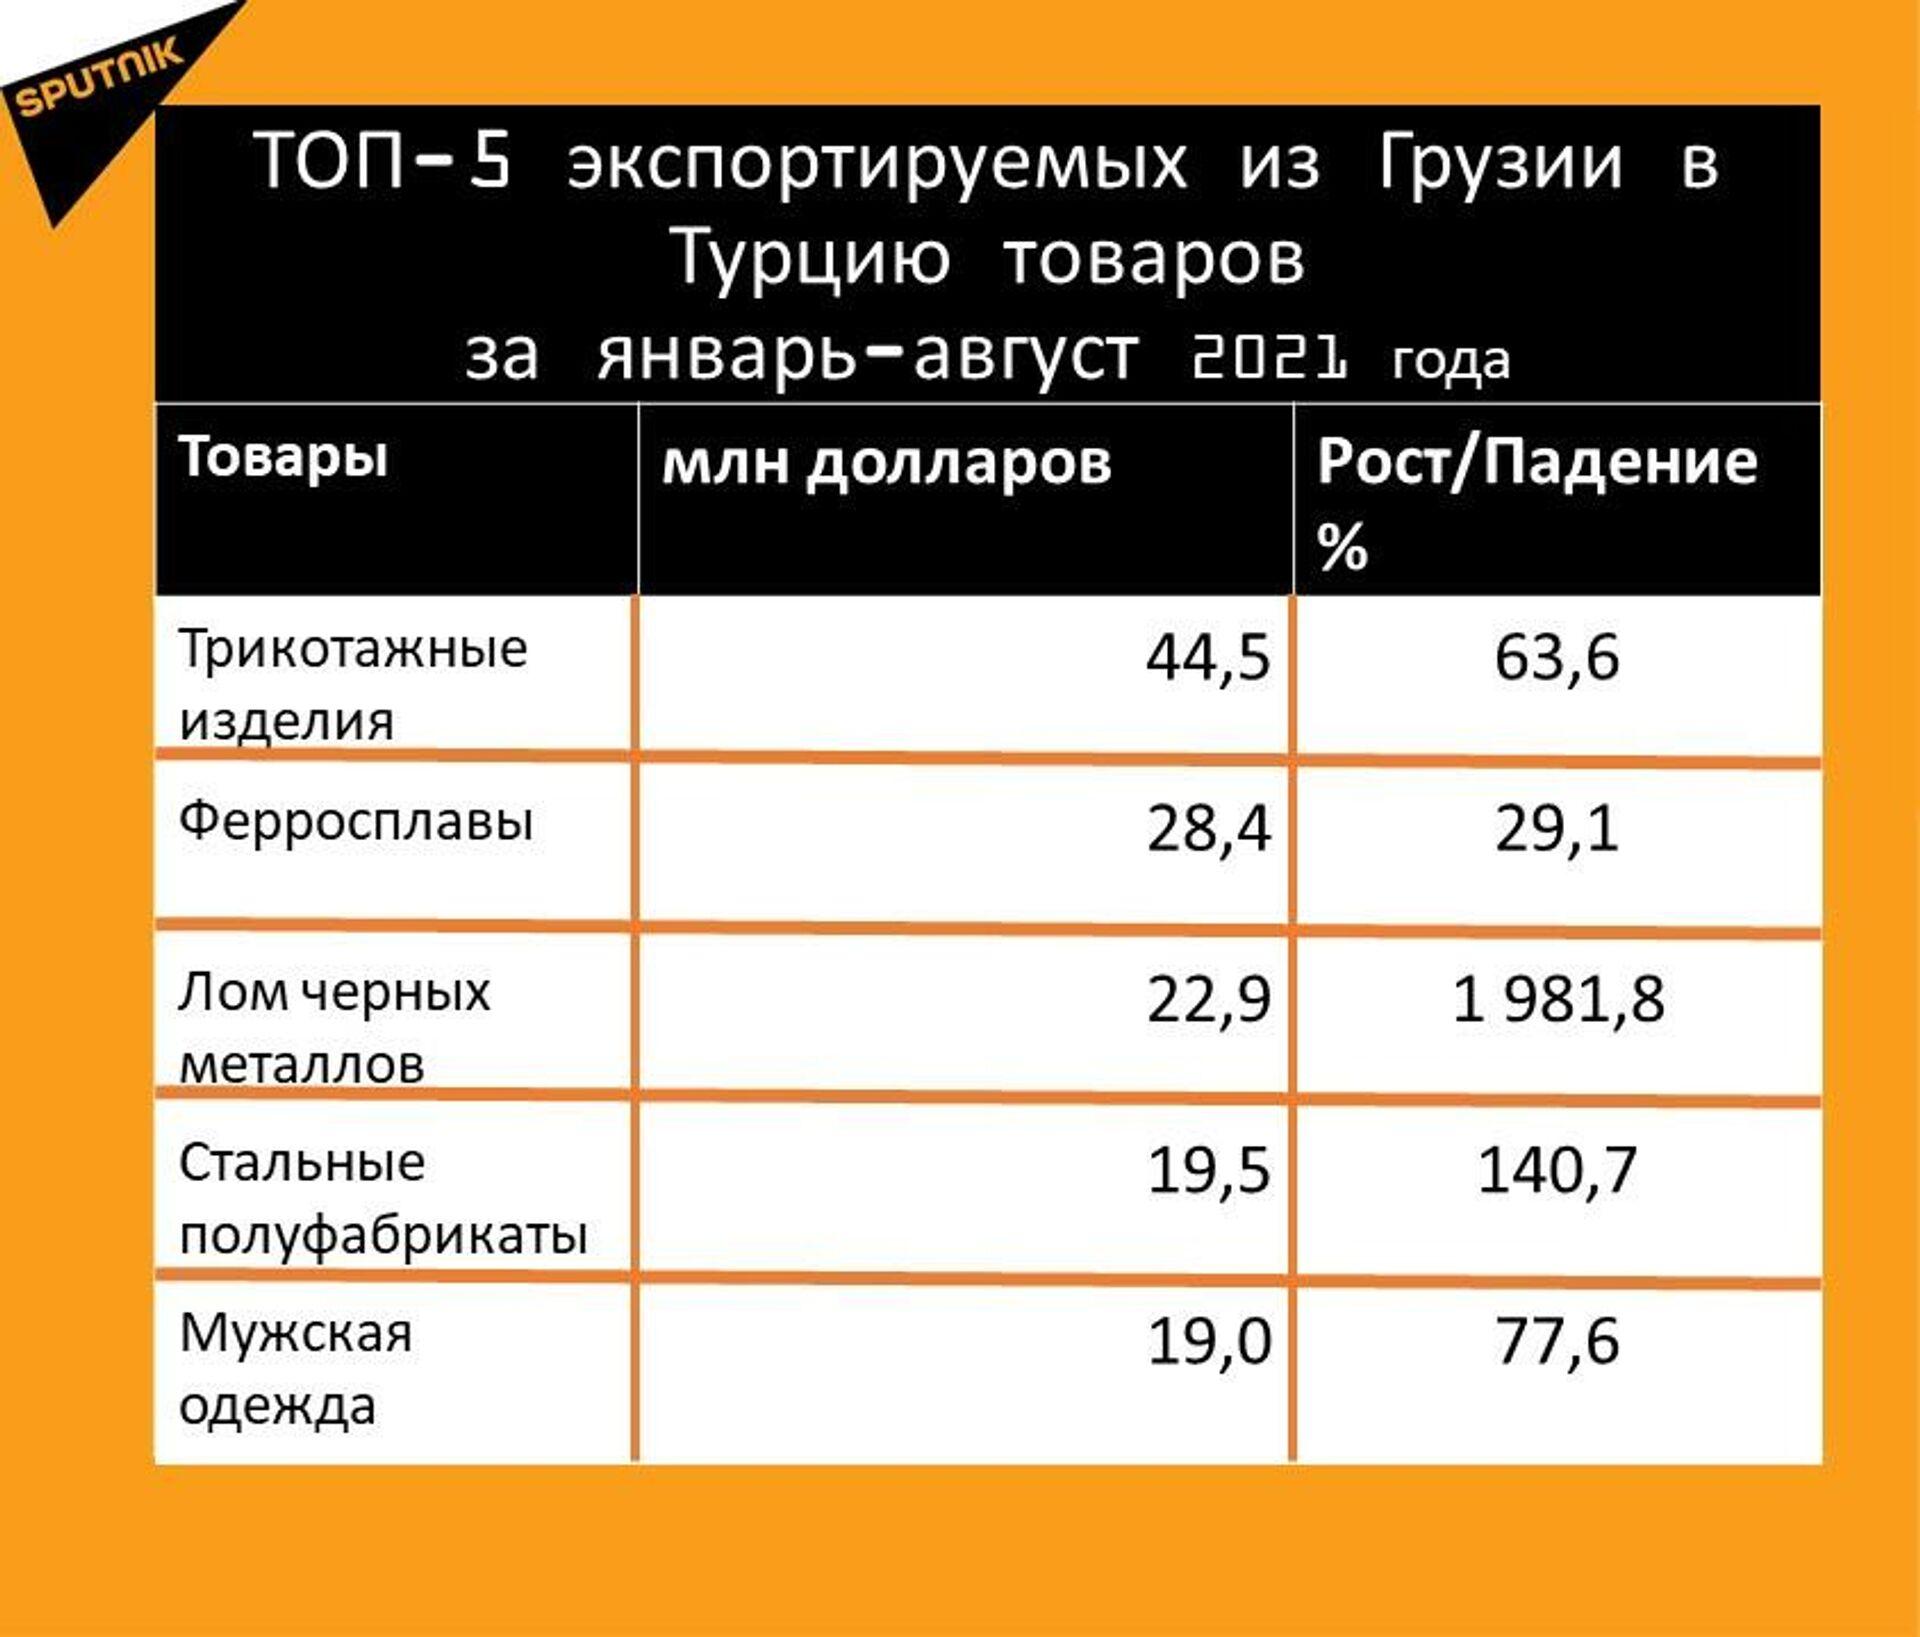 Статистика внешнеторгового оборота Грузии с Турцией за январь-август 2021 года, экспорт - Sputnik Грузия, 1920, 29.09.2021